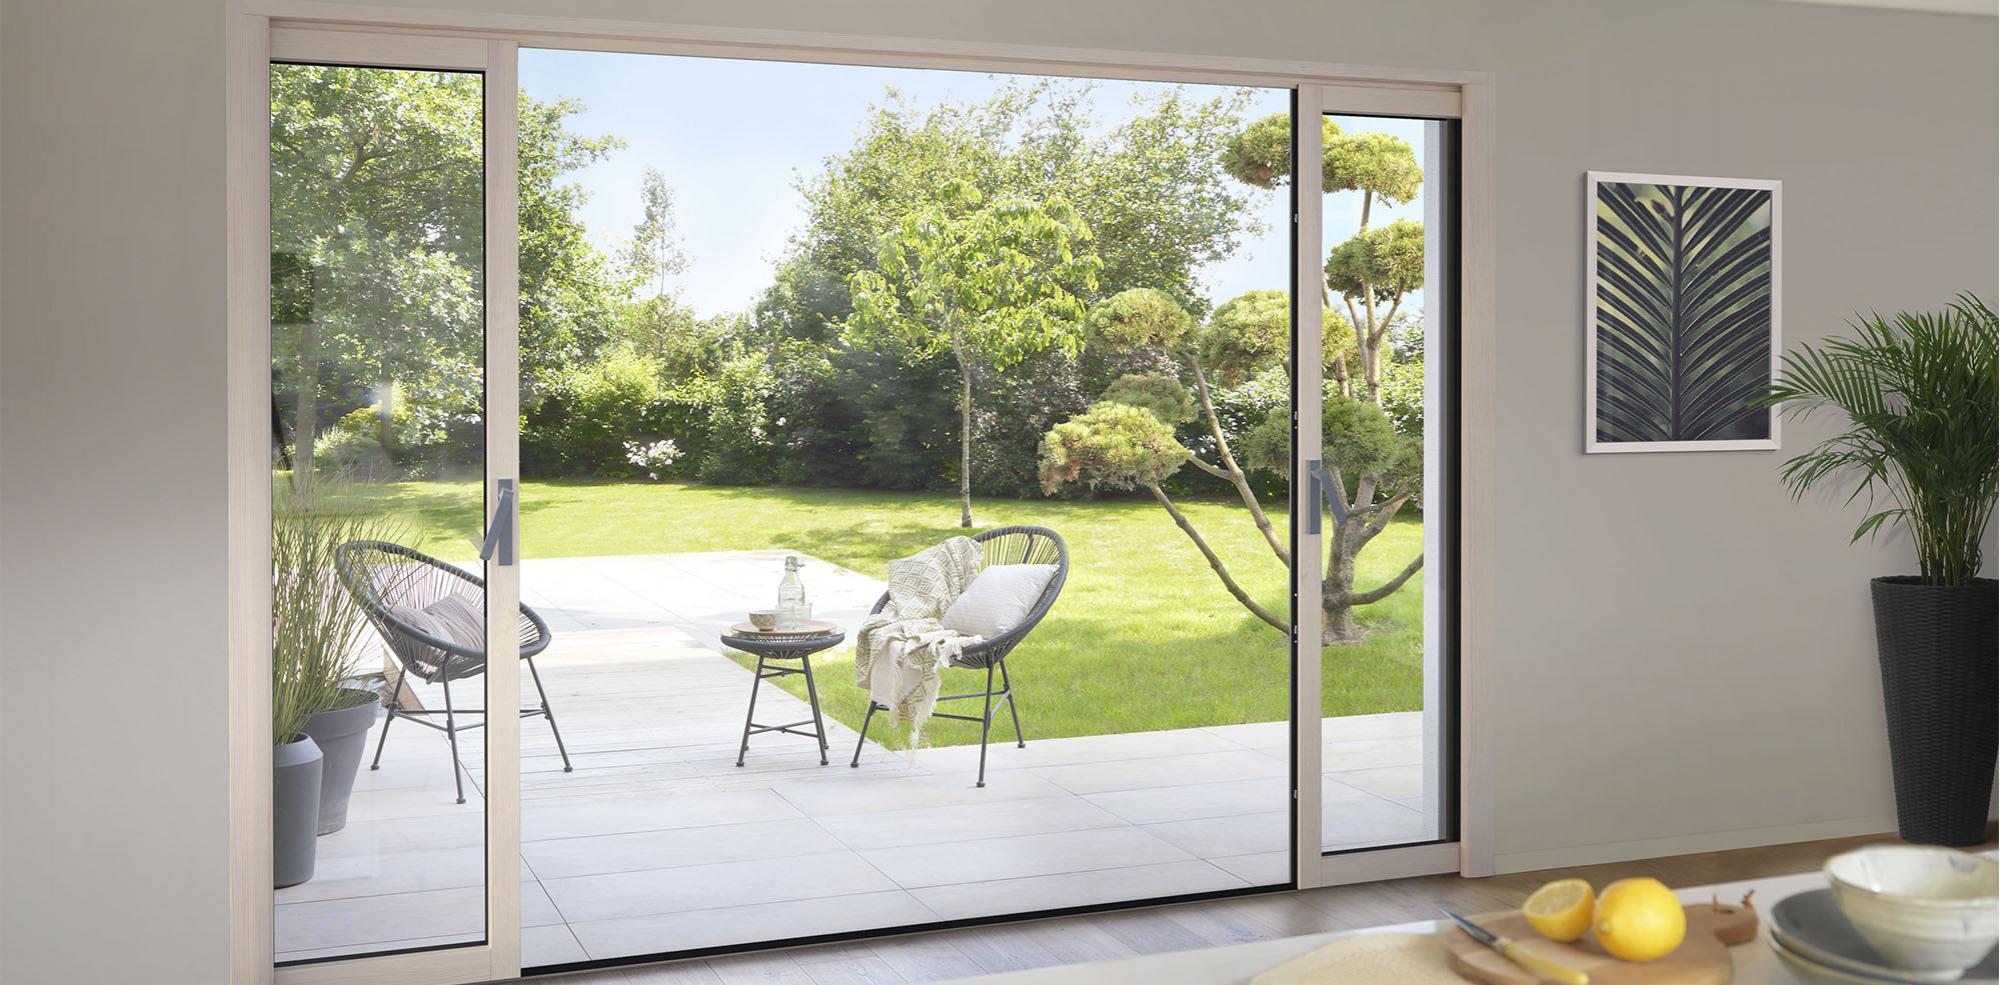 Baie coulissante bois aluminium | MEO, fabricant de baies vitrées et fenêtres coulissantes